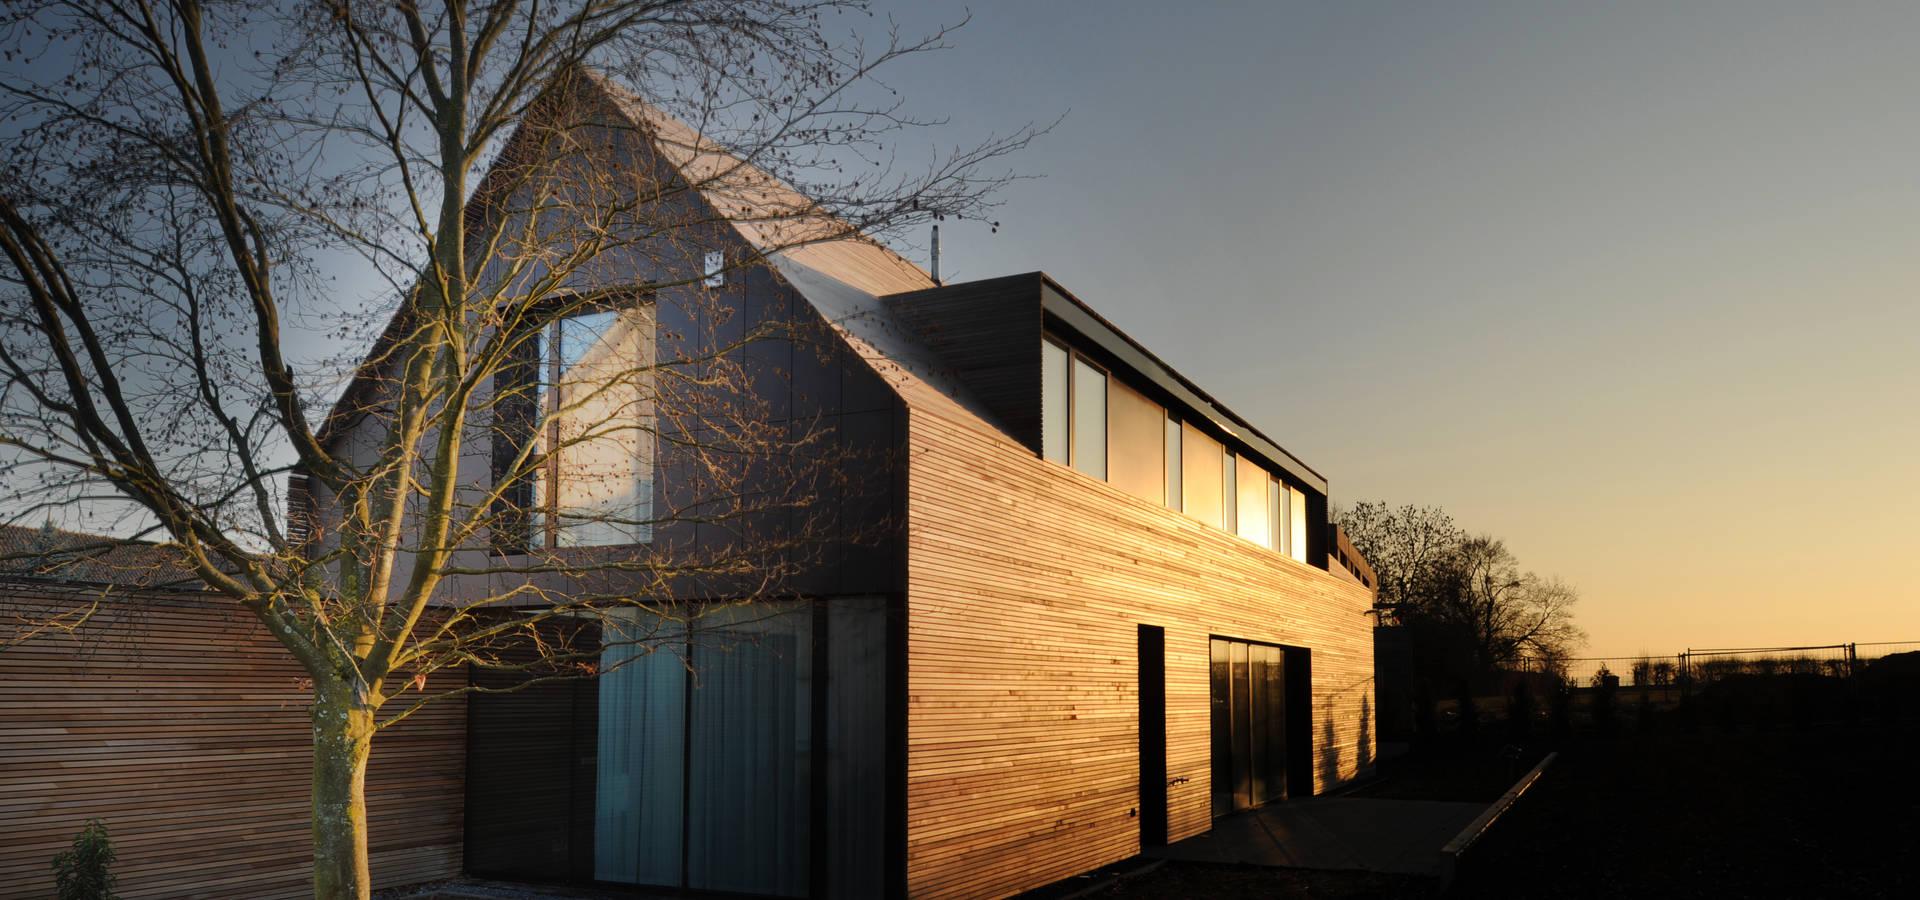 STEINMETZDEMEYER architectes urbanistes